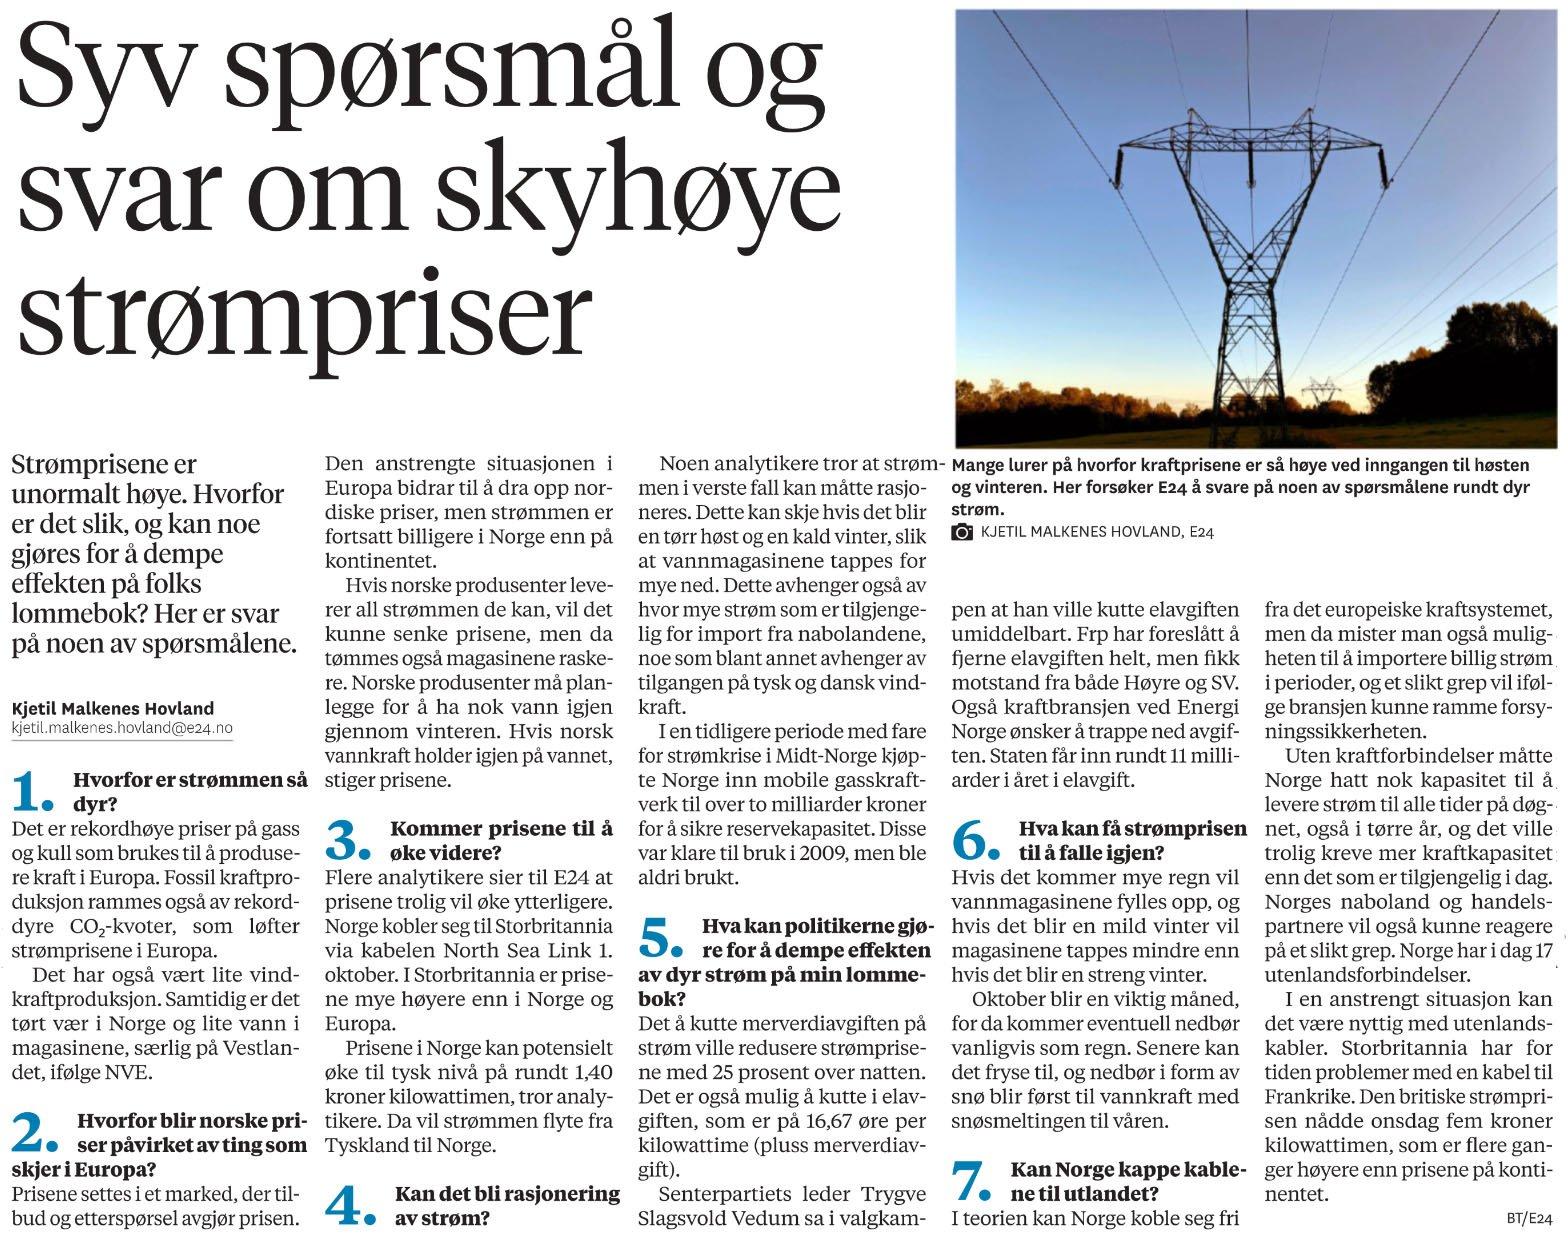 BT om skyhøye strømpriser2